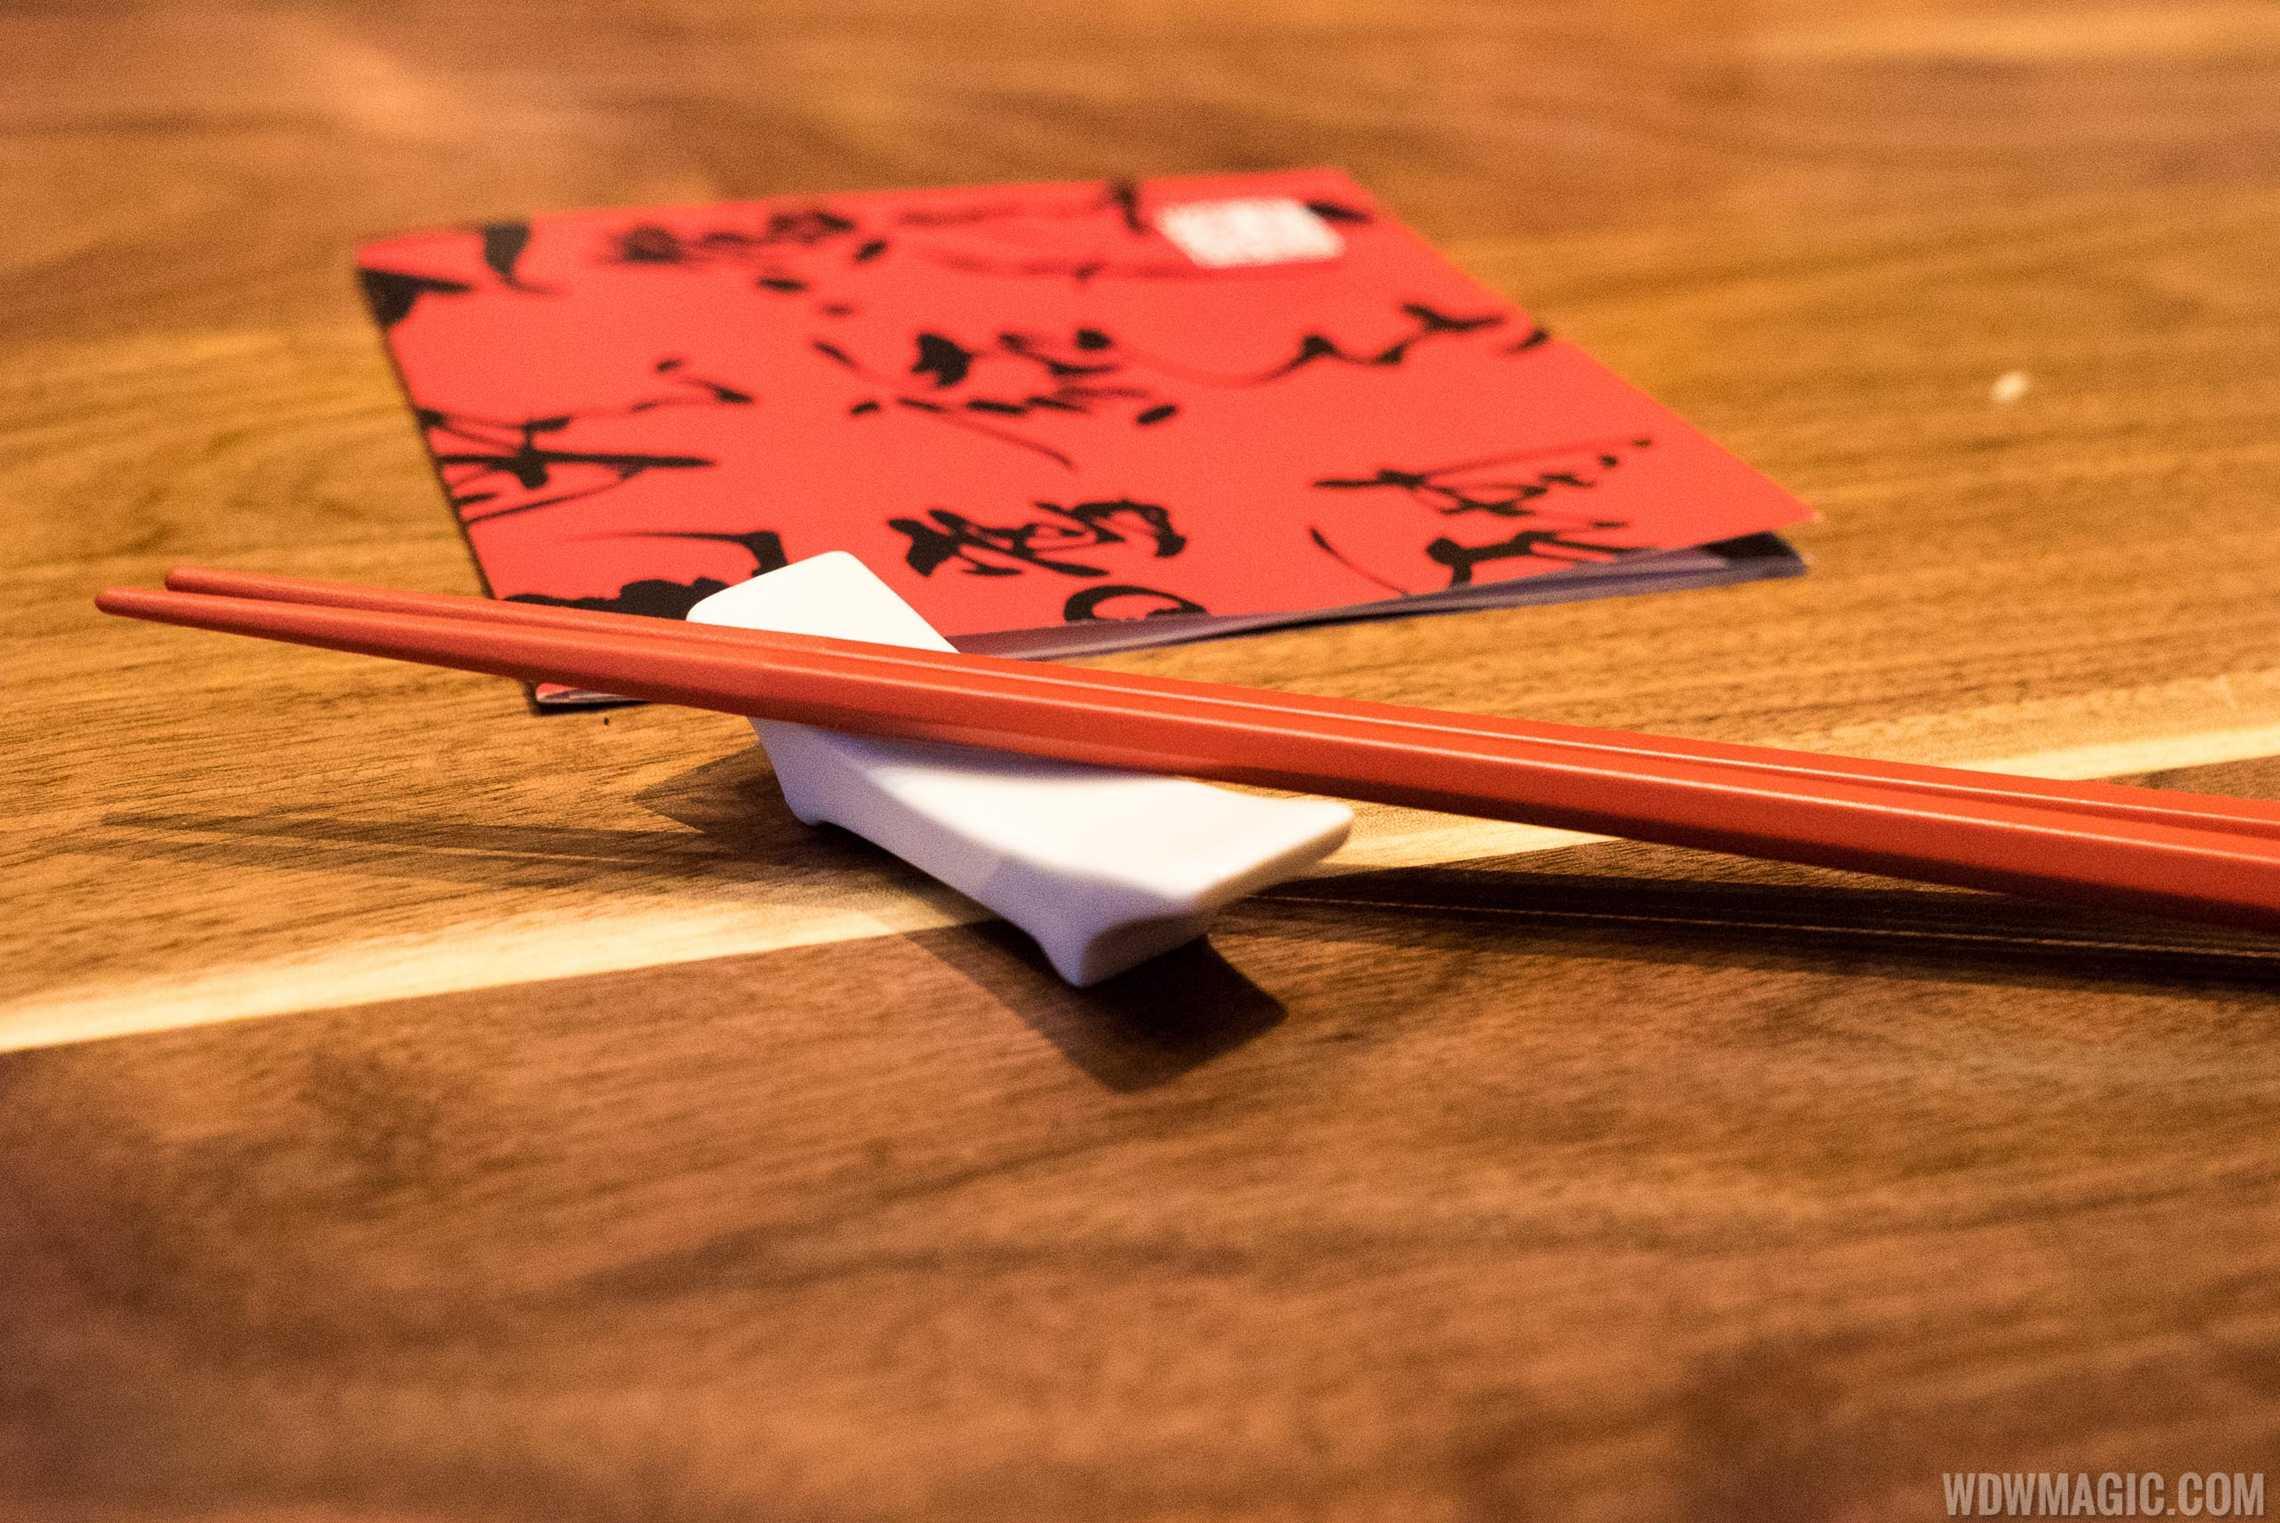 Morimoto Asia - Chop sticks